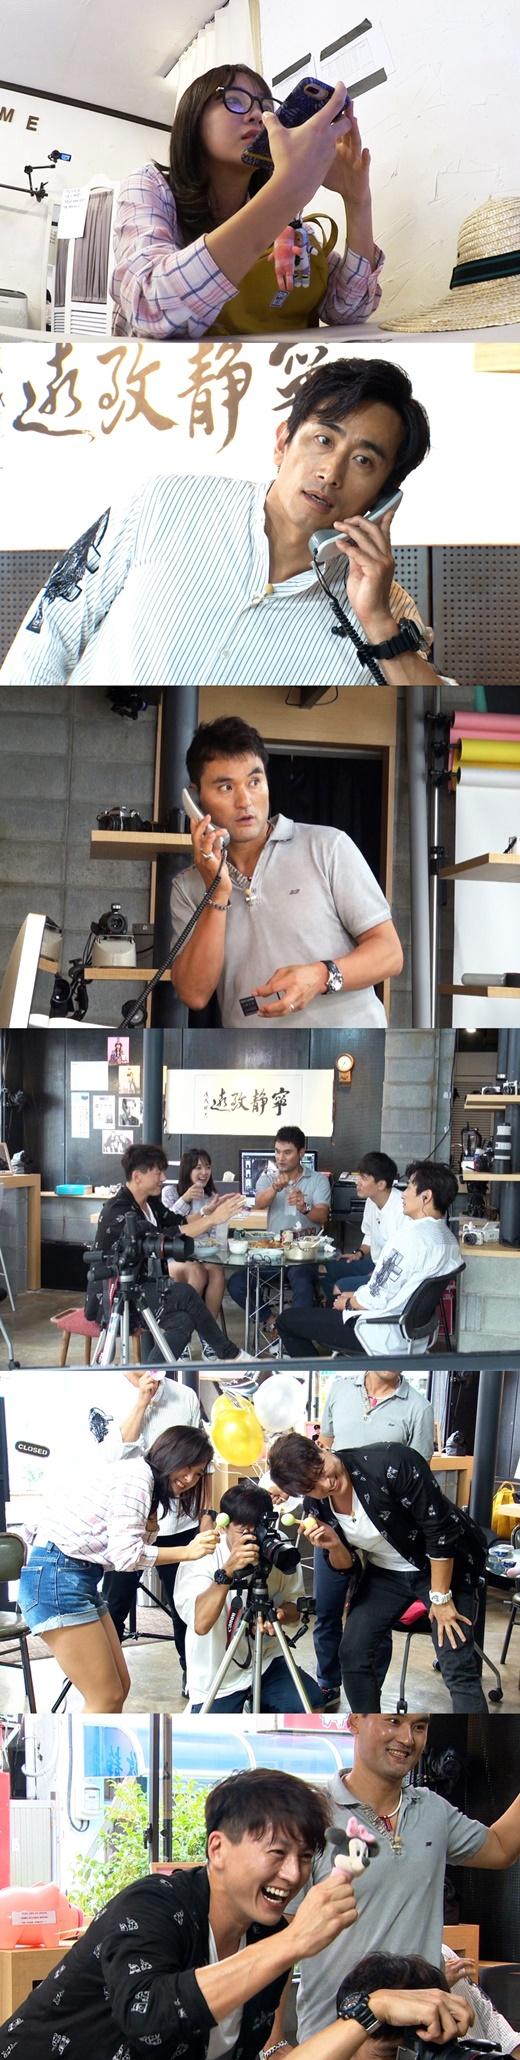 구구단 세정, 오늘(26일) '빅픽처패밀리' 깜짝 등장 몰래카메라